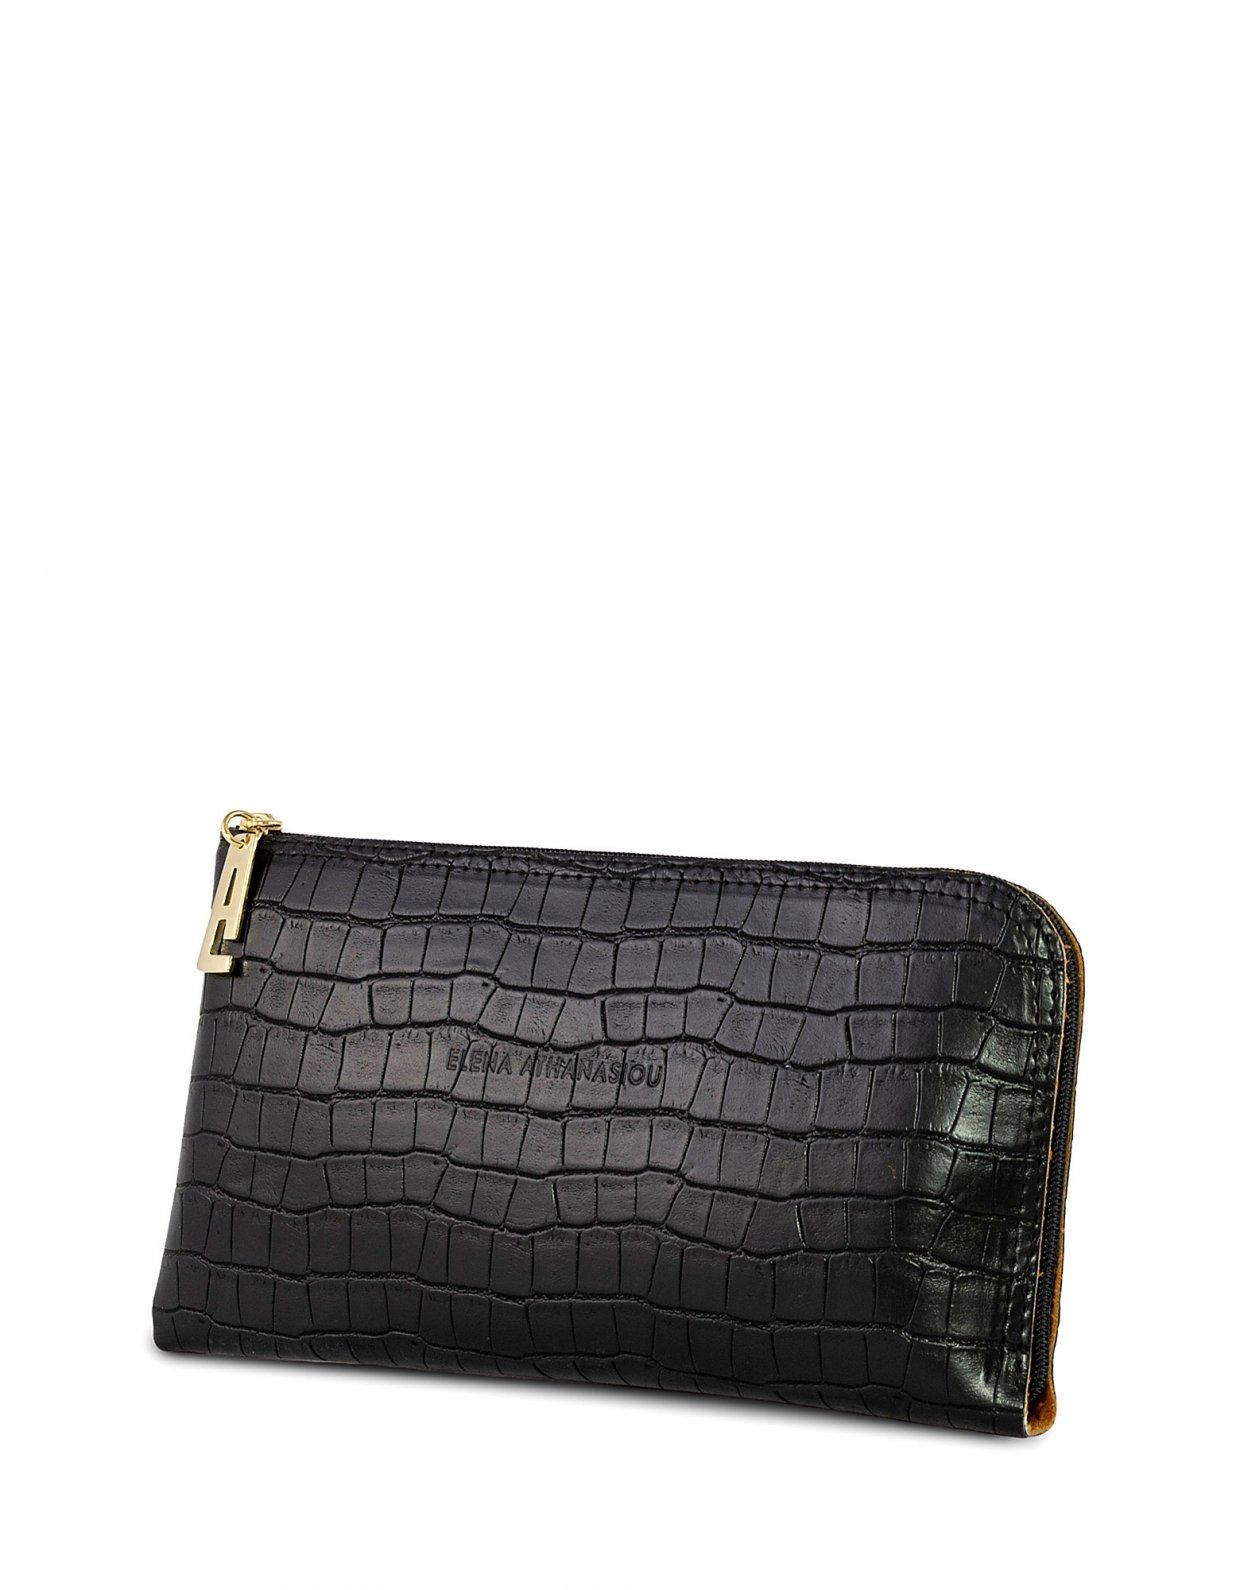 Elena Athanasiou Clutch bag black croco